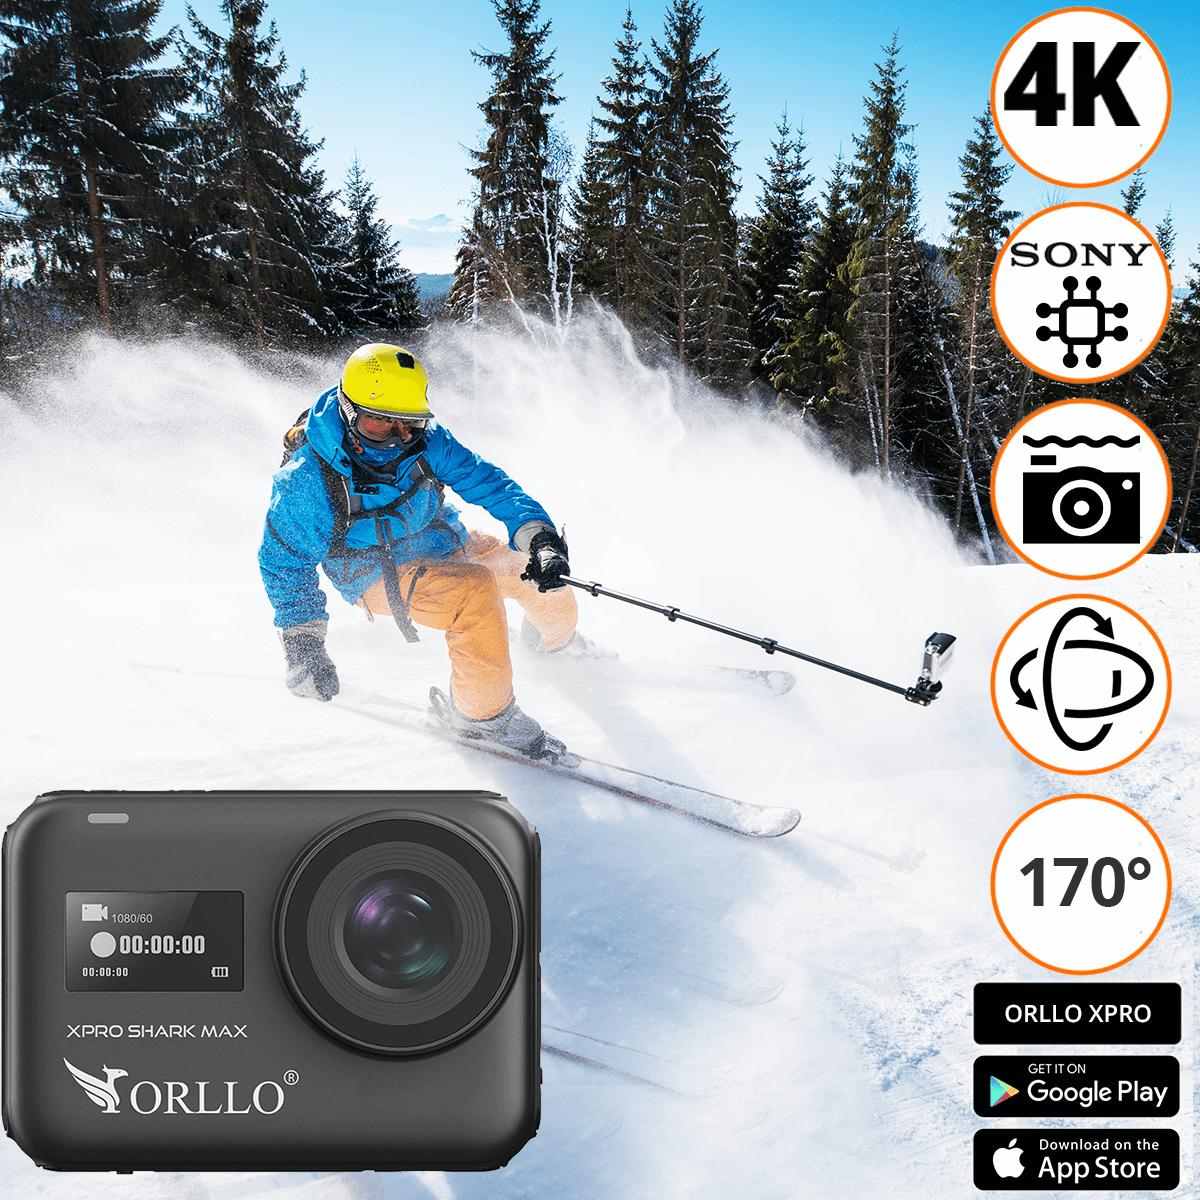 kamera sportowa 4K funkcje xpro shark max orllo.pl